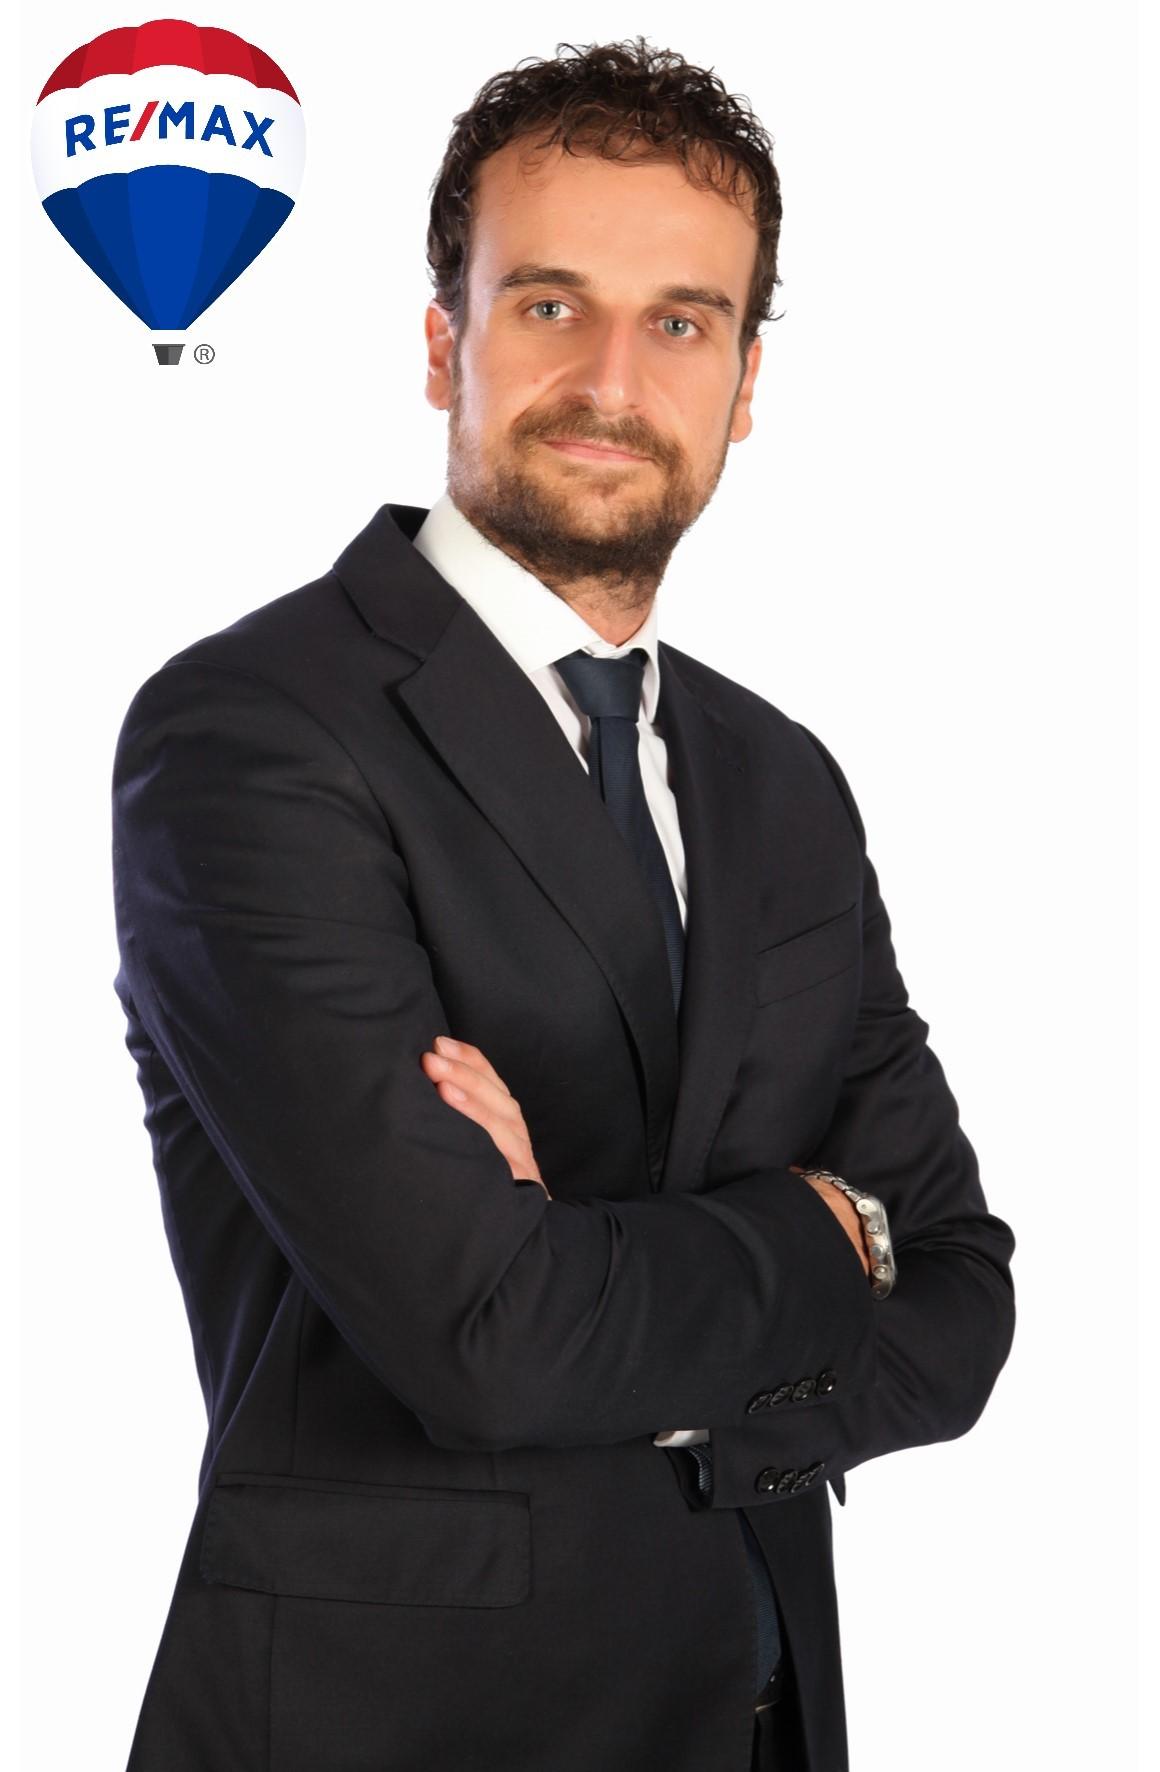 Alberto Alarcón Aguirre